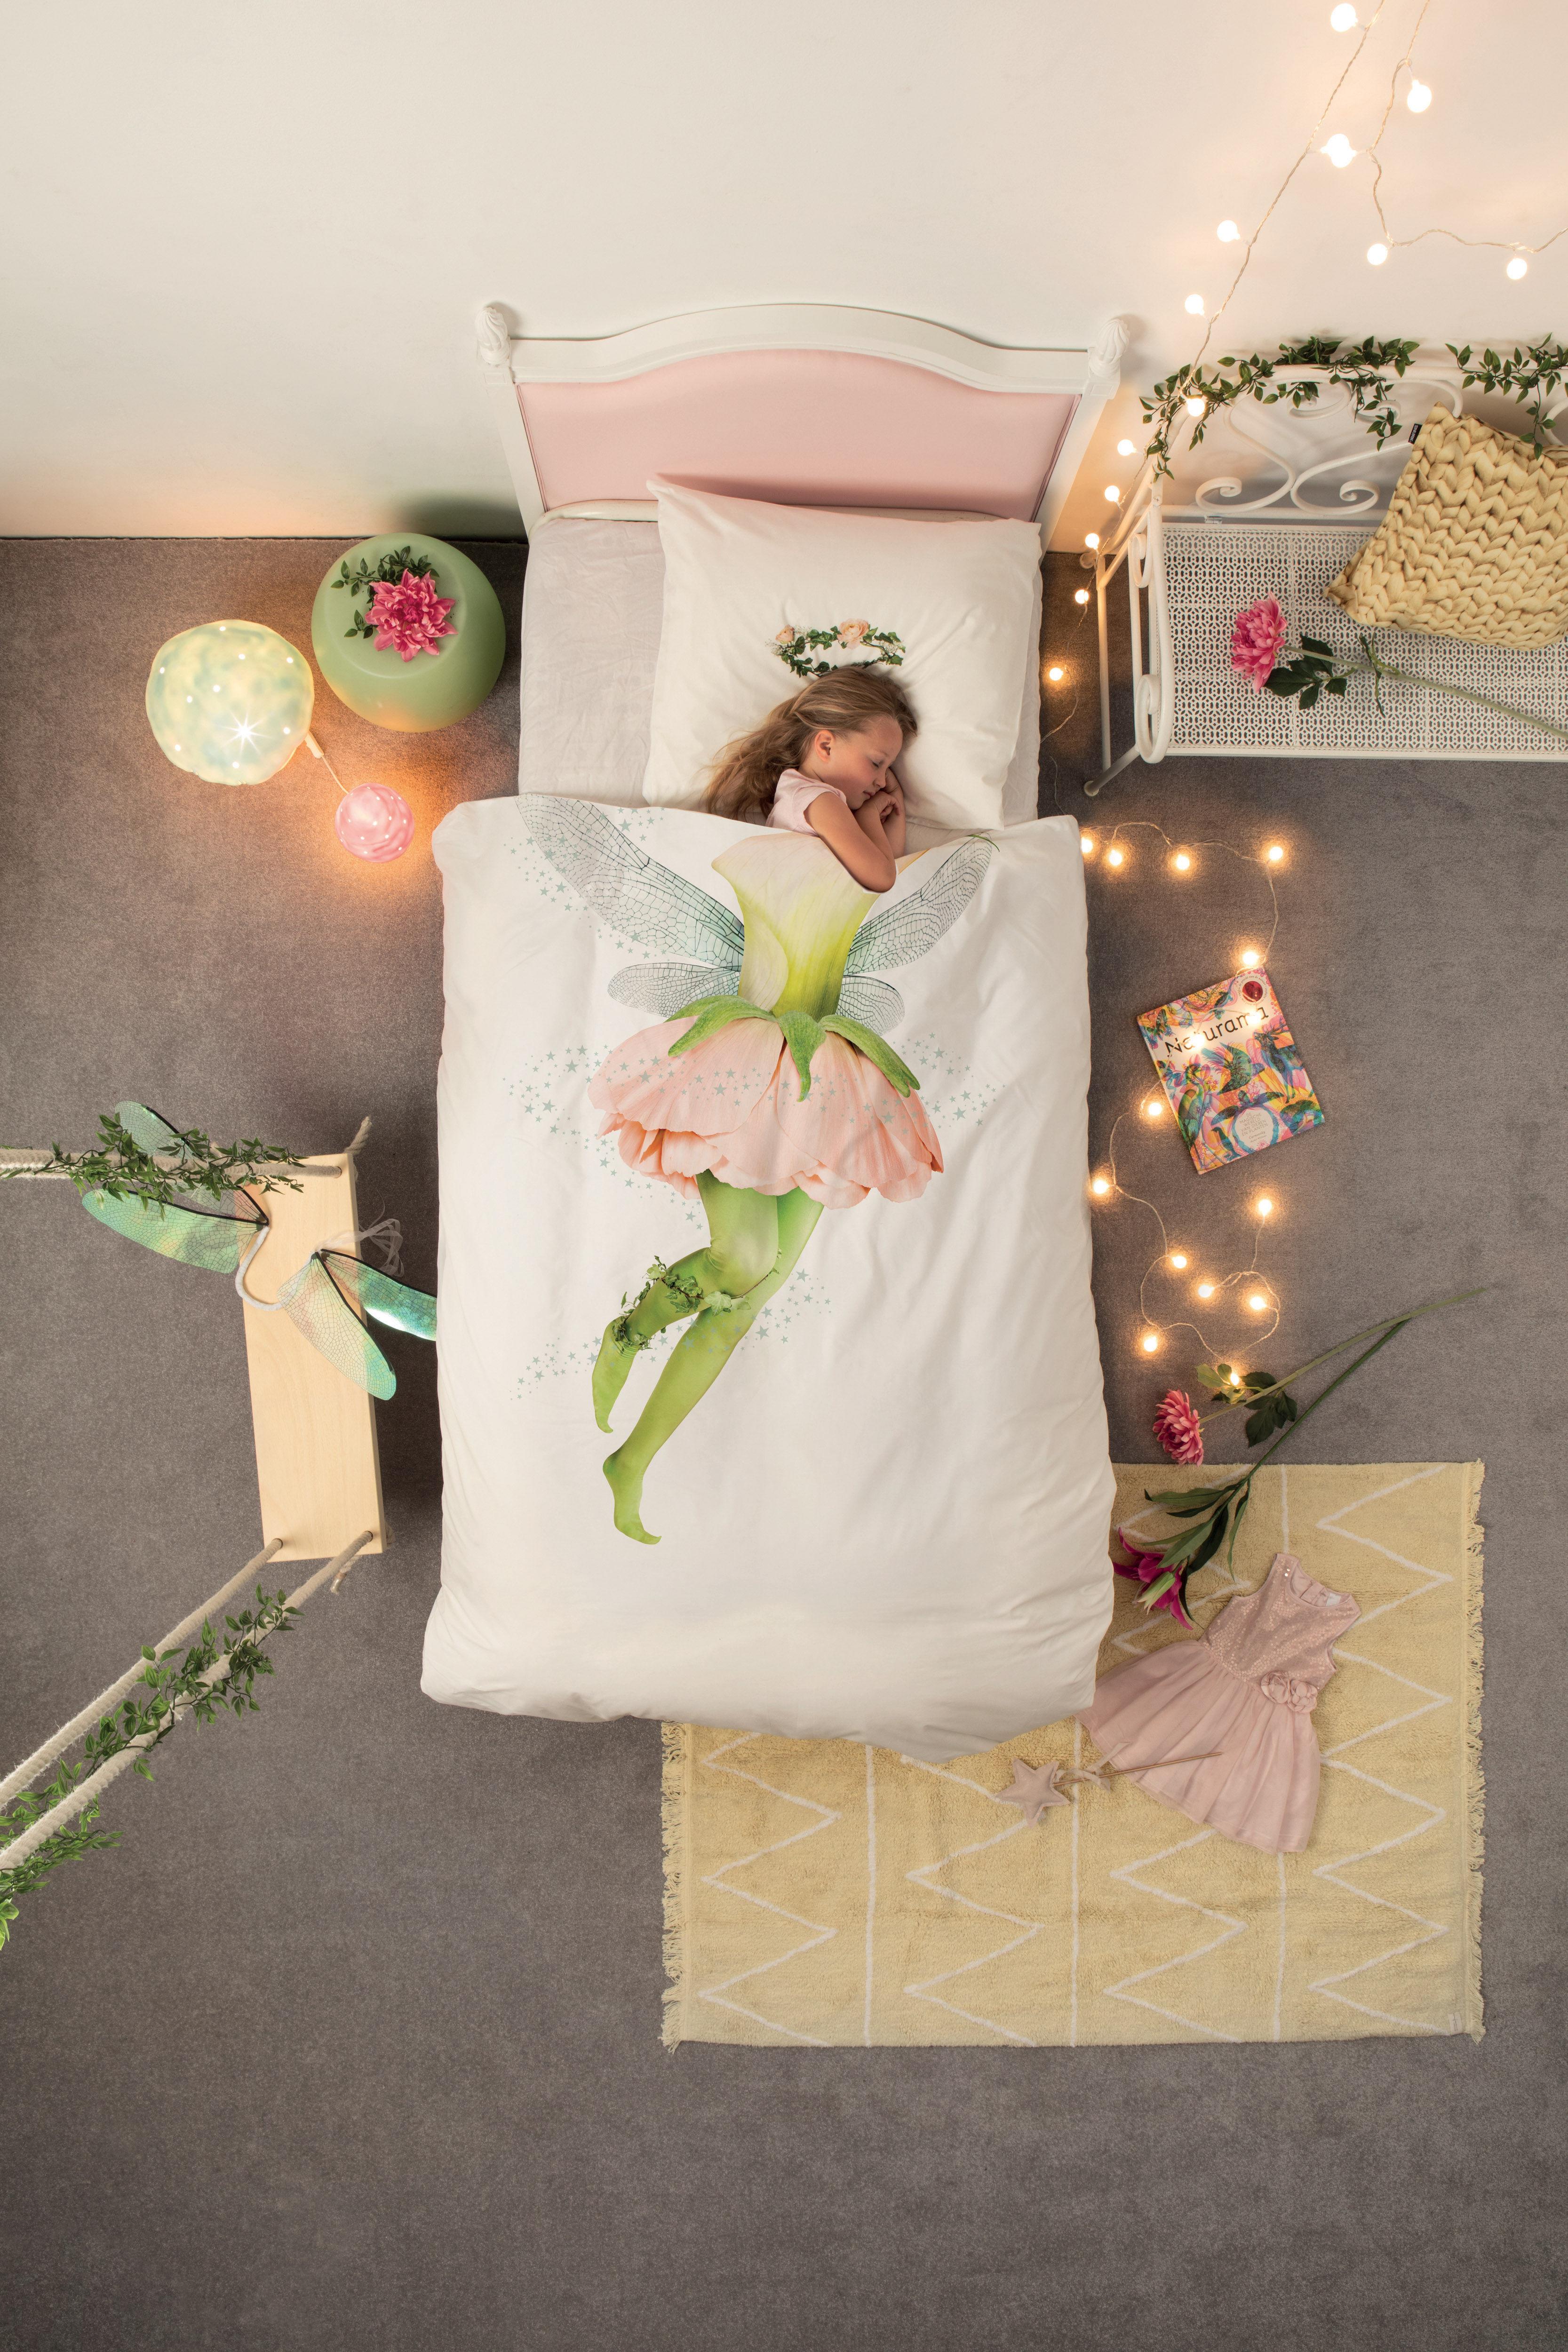 parure de lit 1 personne f e 140 x 200 cm f e vert rose snurk. Black Bedroom Furniture Sets. Home Design Ideas